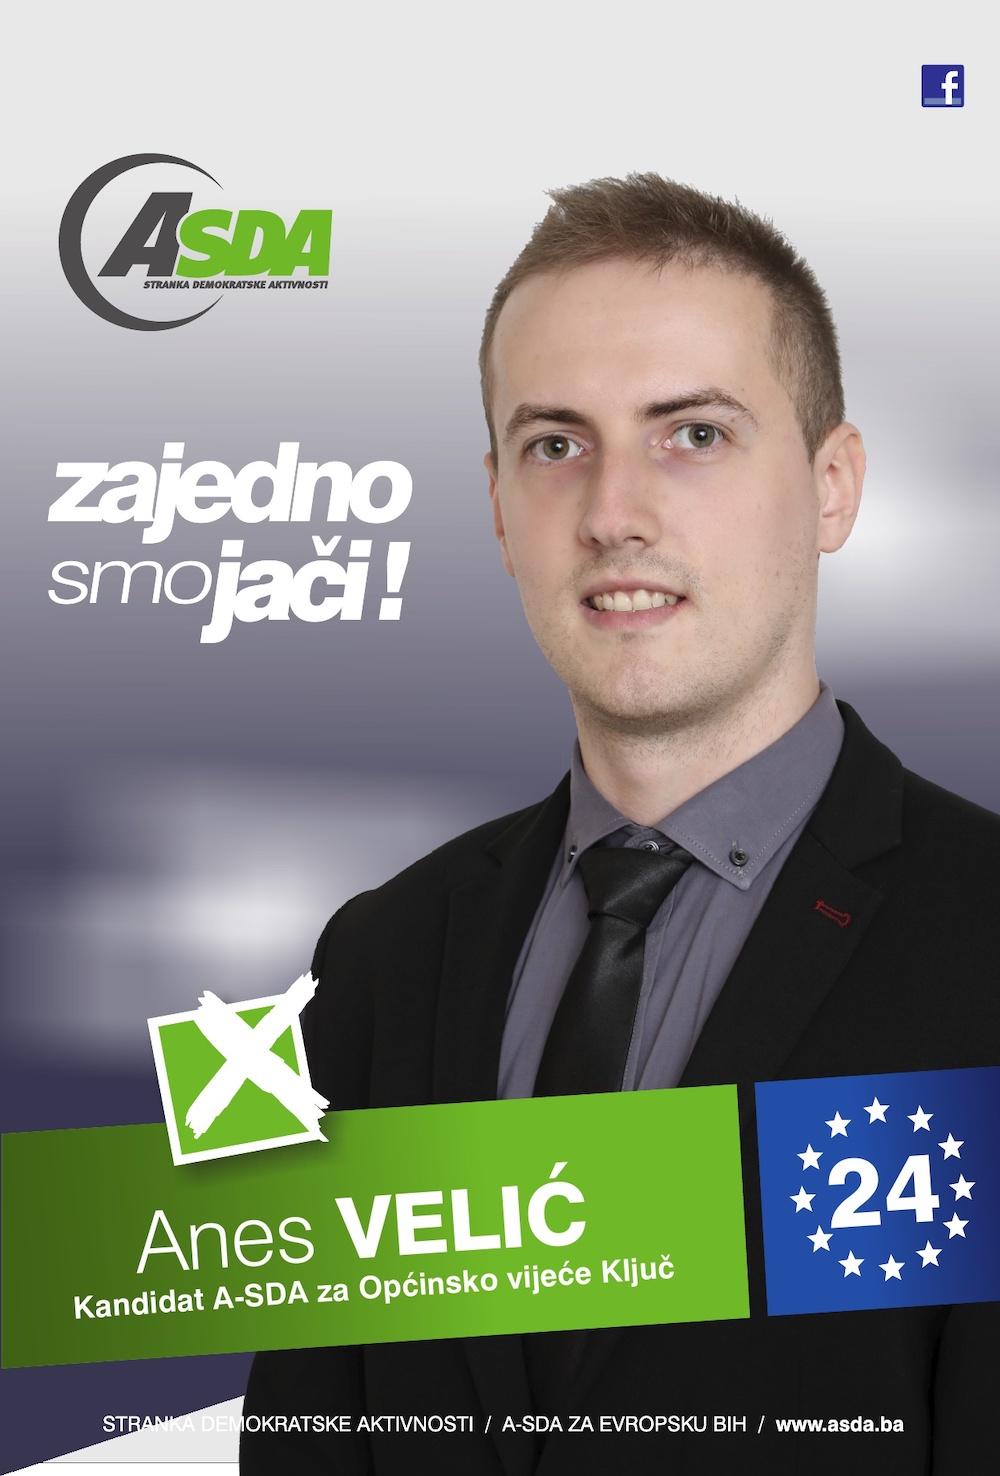 Anes Velić